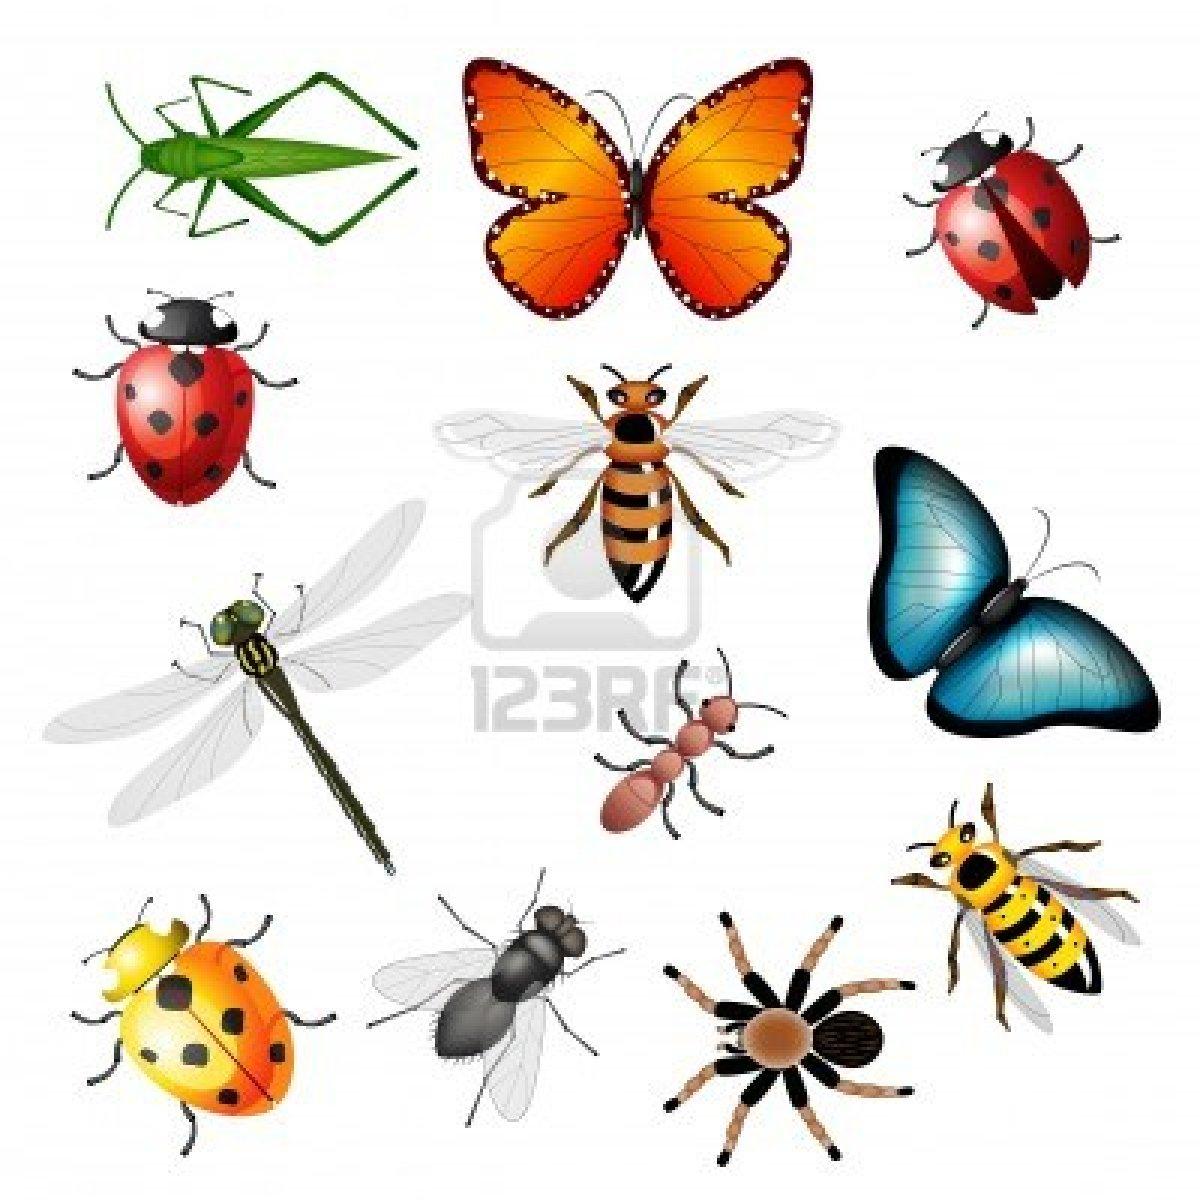 Dessins En Couleurs À Imprimer : Insectes, Numéro : 165826 concernant Image D Animaux A Imprimer En Couleur